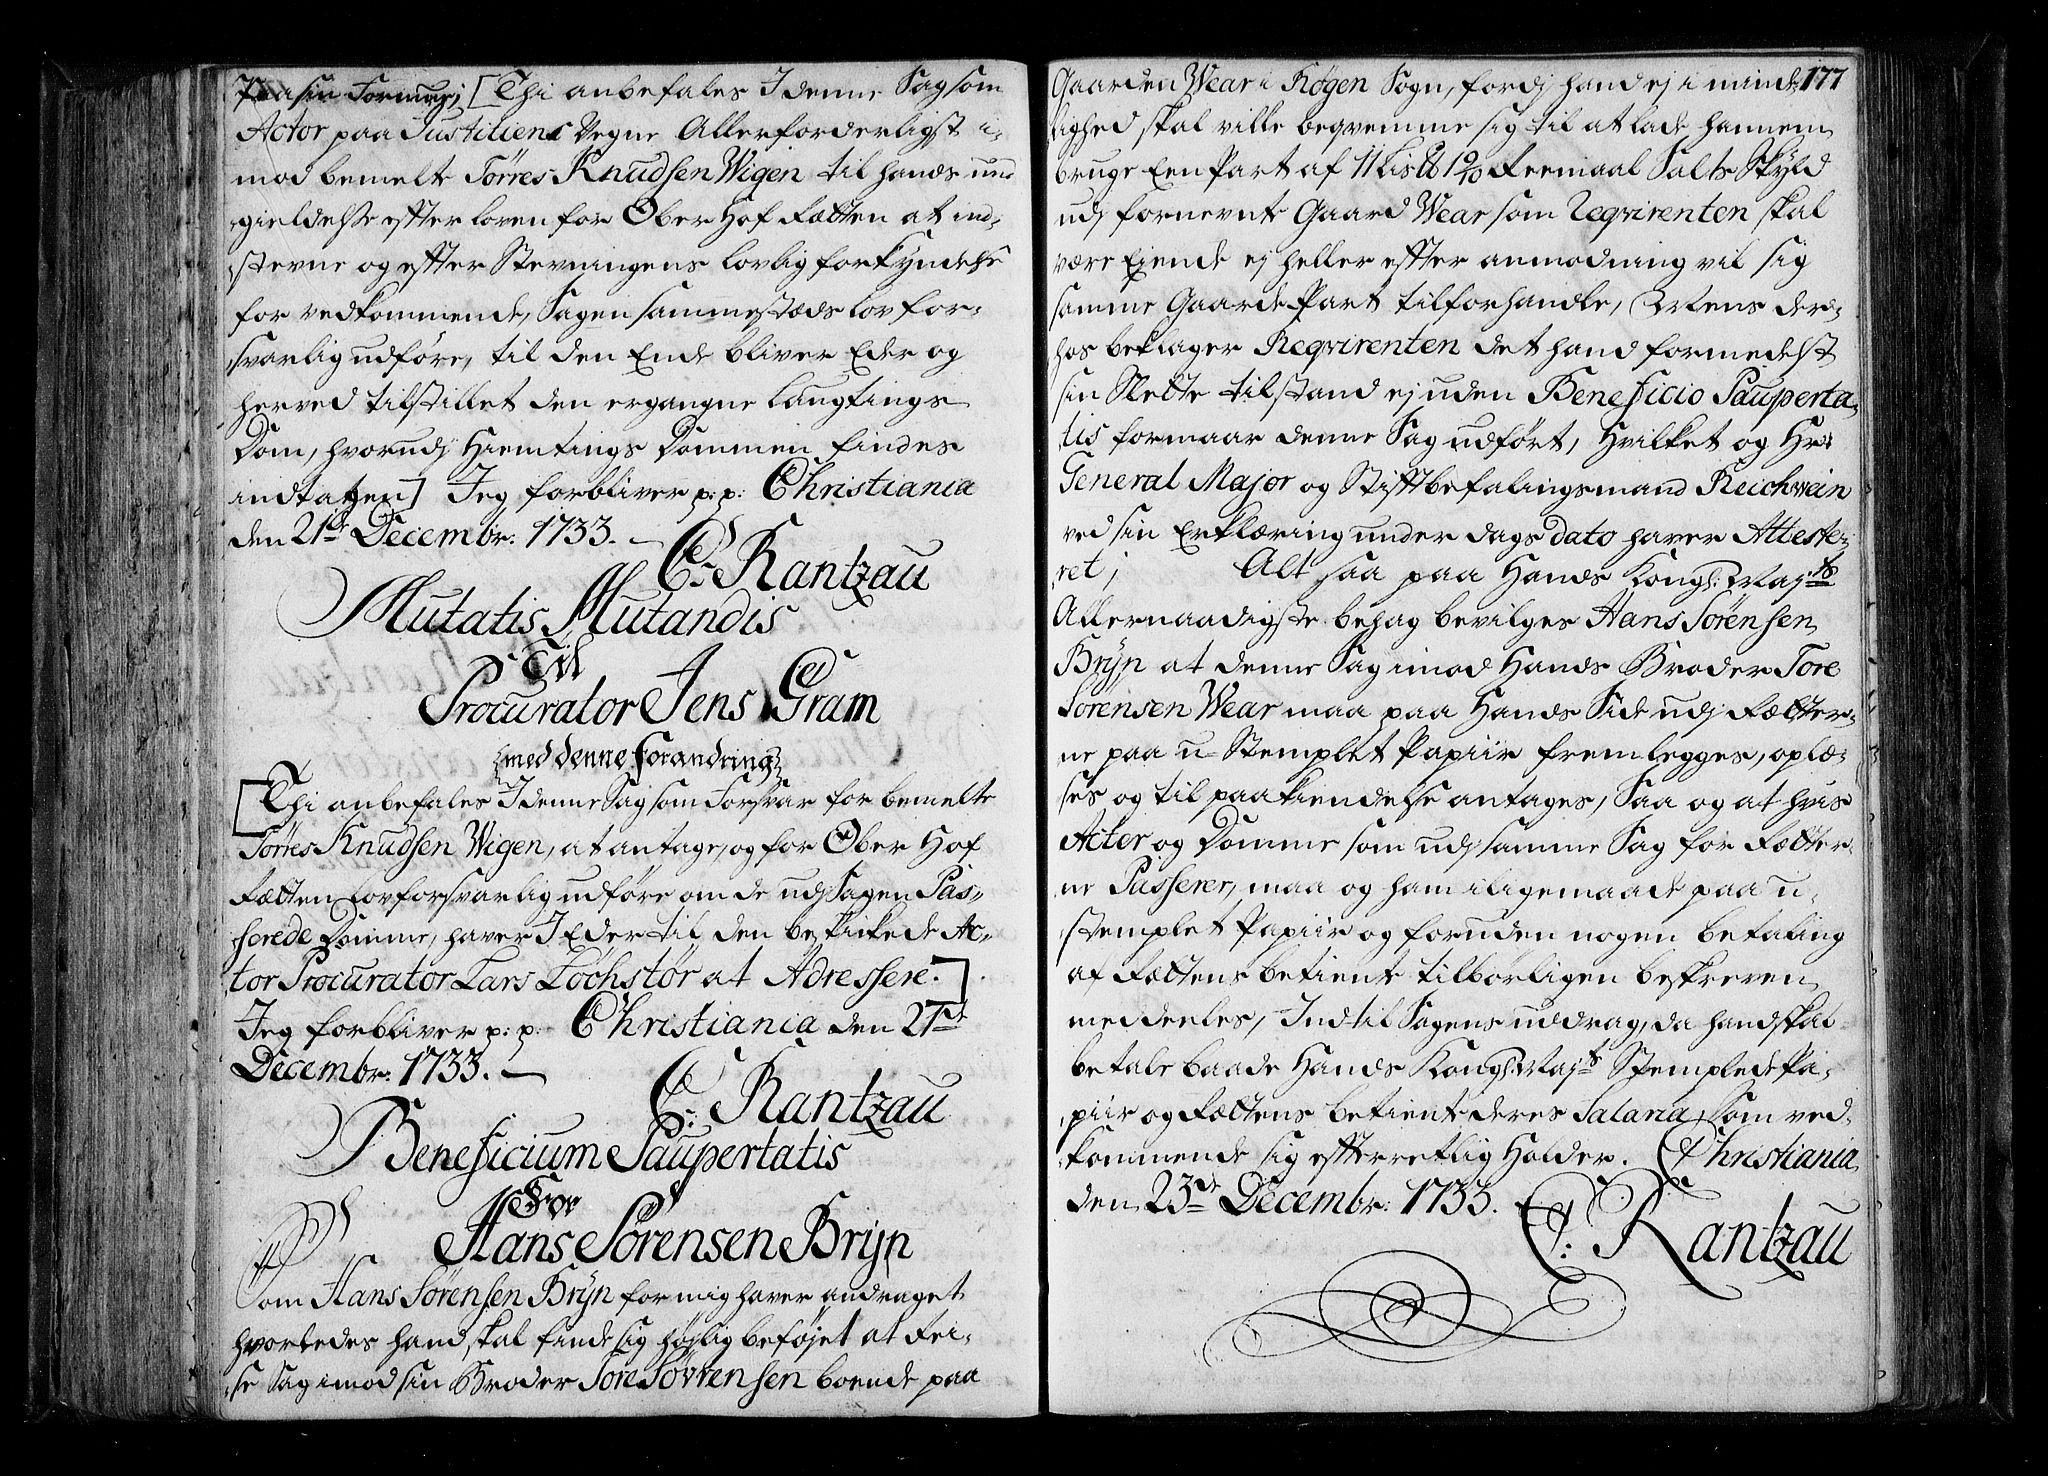 RA, Stattholderembetet 1572-1771, Be/L0011: Kopibok for beneficia paupertatis, 1726-1739, s. 176b-177a